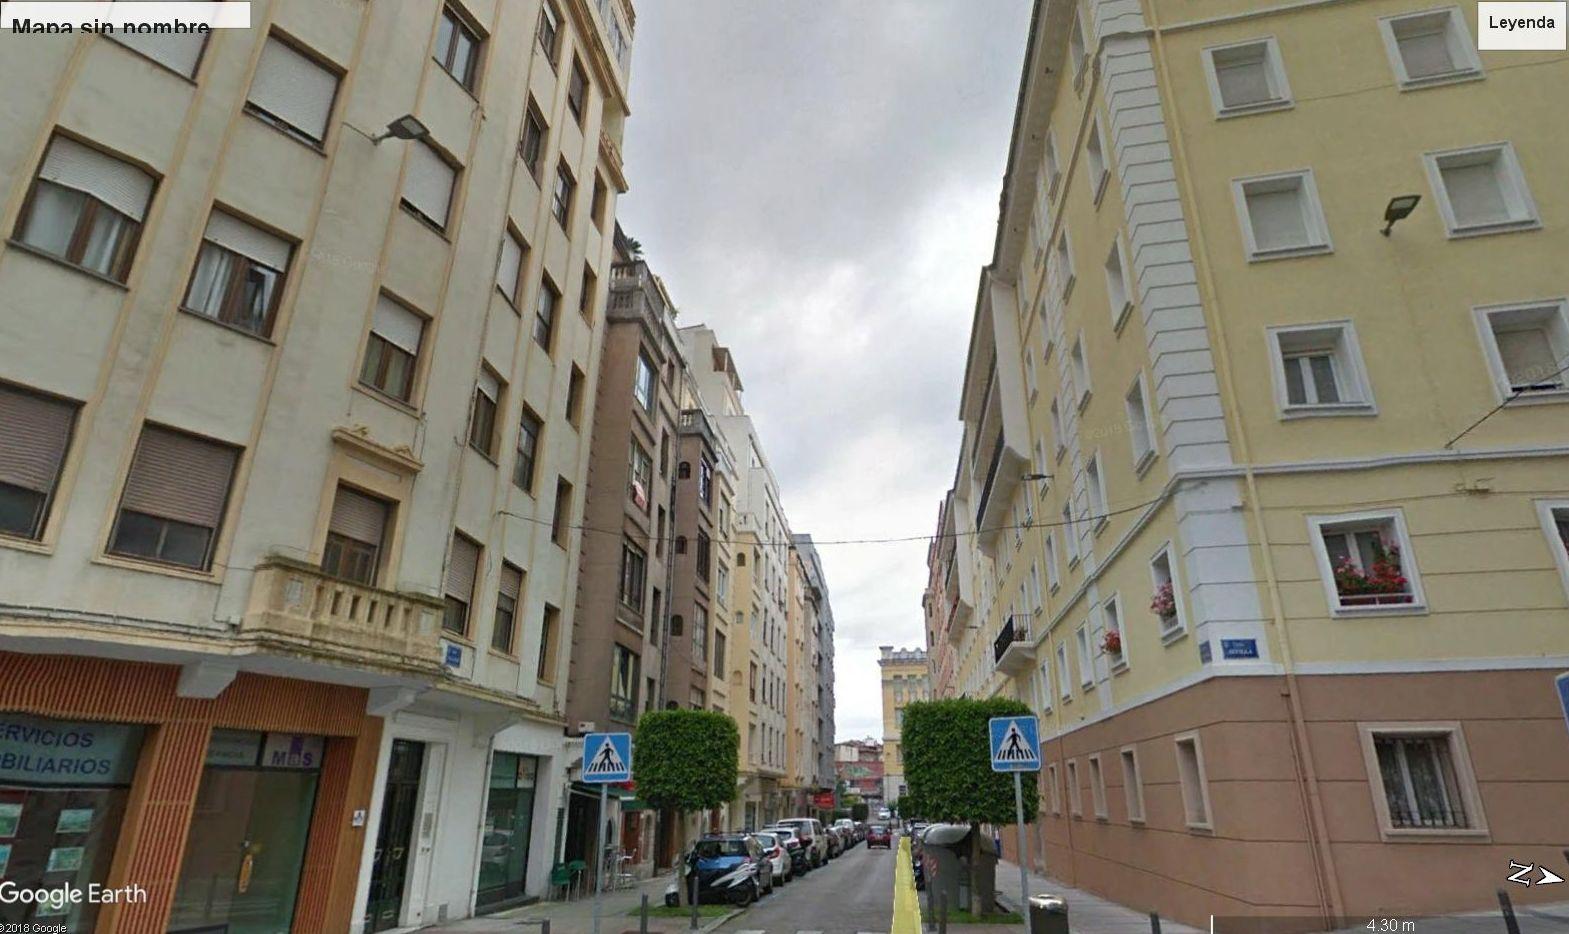 Piso en La calle San Jose: Inmobiliaria y Reformas de InmoHappy Santander